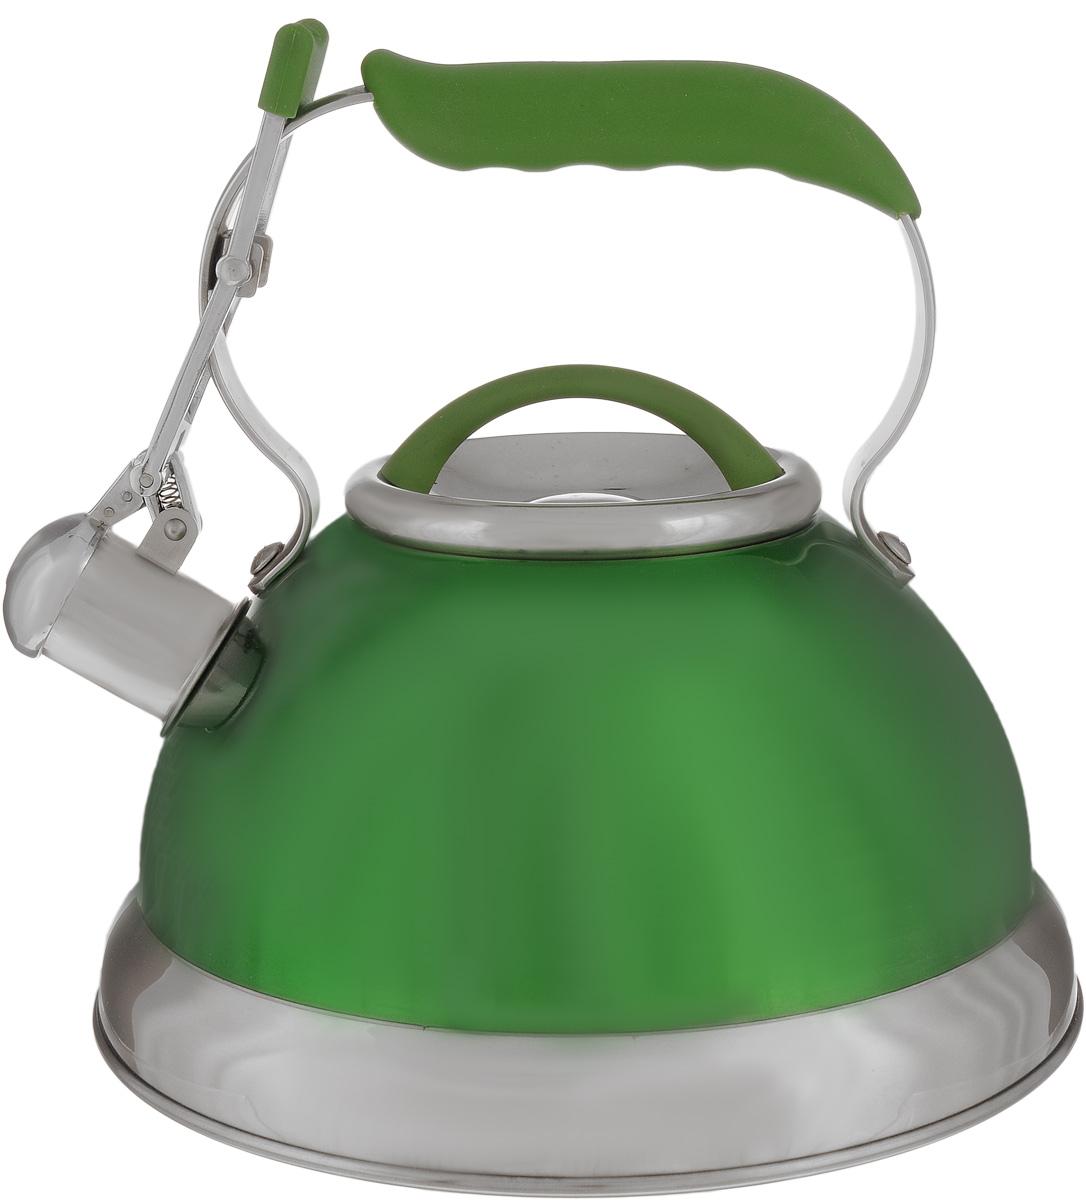 Чайник Calve, со свистком, цвет: зеленый, 2,7 лCL-1461_зеленыйЧайник Calve изготовлен из высококачественной нержавеющей стали 18/10, внешние стенки имеют цветное глянцевое покрытие. Нержавеющая сталь обладает высокой устойчивостью к коррозии, не вступает в реакцию с холодными и горячими продуктами и полностью сохраняет их вкусовые качества. Особая конструкция капсулированного дна способствует высокой теплопроводности и равномерному распределению тепла. Чайник оснащен удобной фиксированной ручкой с силиконовым покрытием. Носик чайника имеет откидной свисток с перфорацией в виде смайлика, звуковой сигнал которого подскажет, когда закипит вода. Свисток открывается с помощью рычага на ручке чайника. Чайник подходит для всех типов плит, включая индукционные. Можно мыть в посудомоечной машине. Диаметр чайника (по верхнему краю): 10 см. Высота чайника (без учета ручки и крышки): 13 см. Высота чайника (с учетом ручки): 23 см.